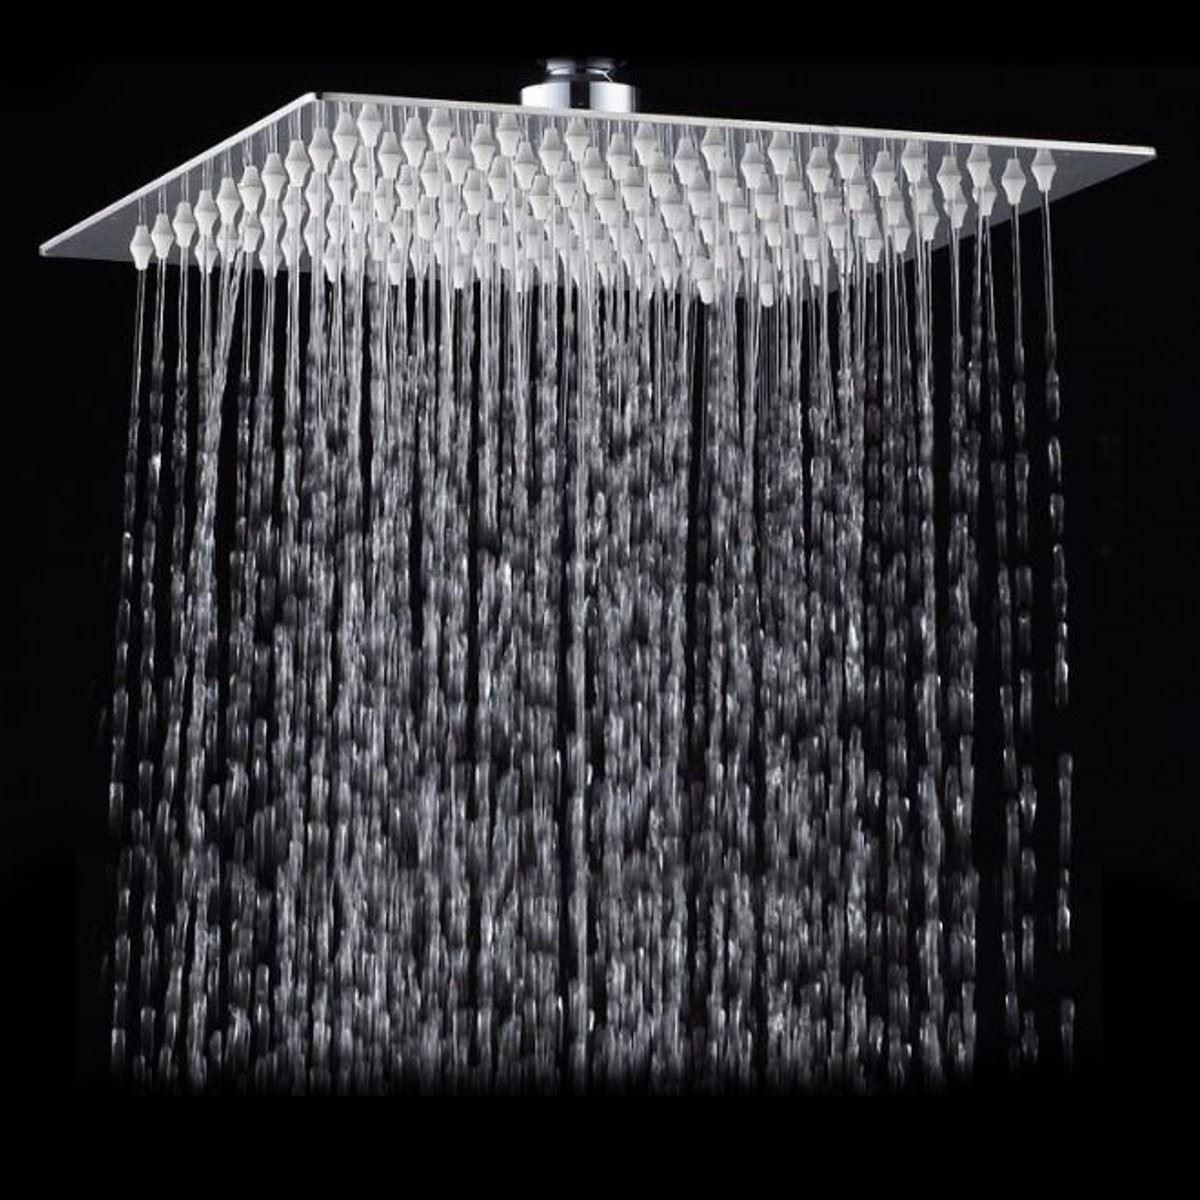 כיכר רחצה נירוסטה גשם מקלחת ראש גשם 12 inch אמבט מקלחת כרום למעלה מרסס מקלחת גשם בלחץ גבוהה